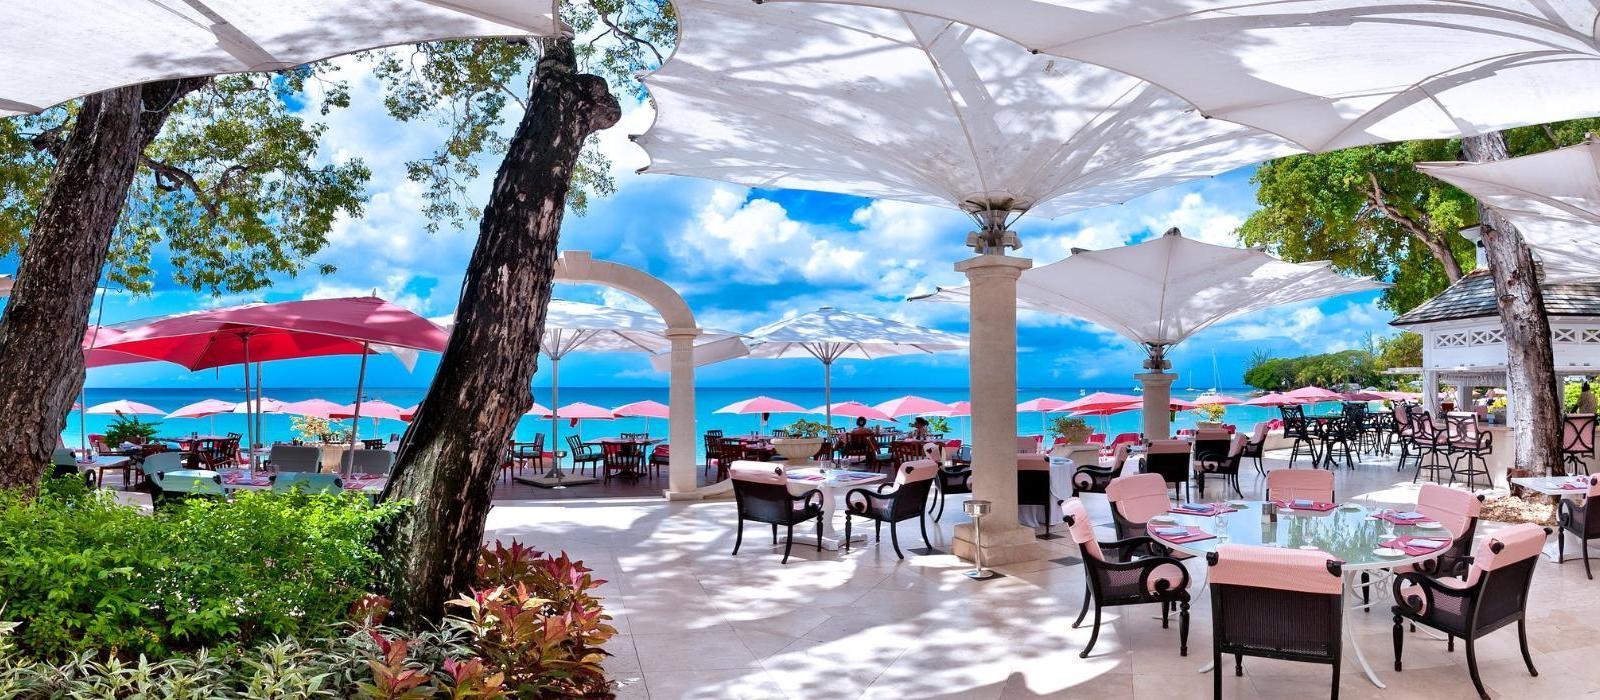 桑迪莱恩酒店(Sandy Lane) 图片  www.lhw.cn